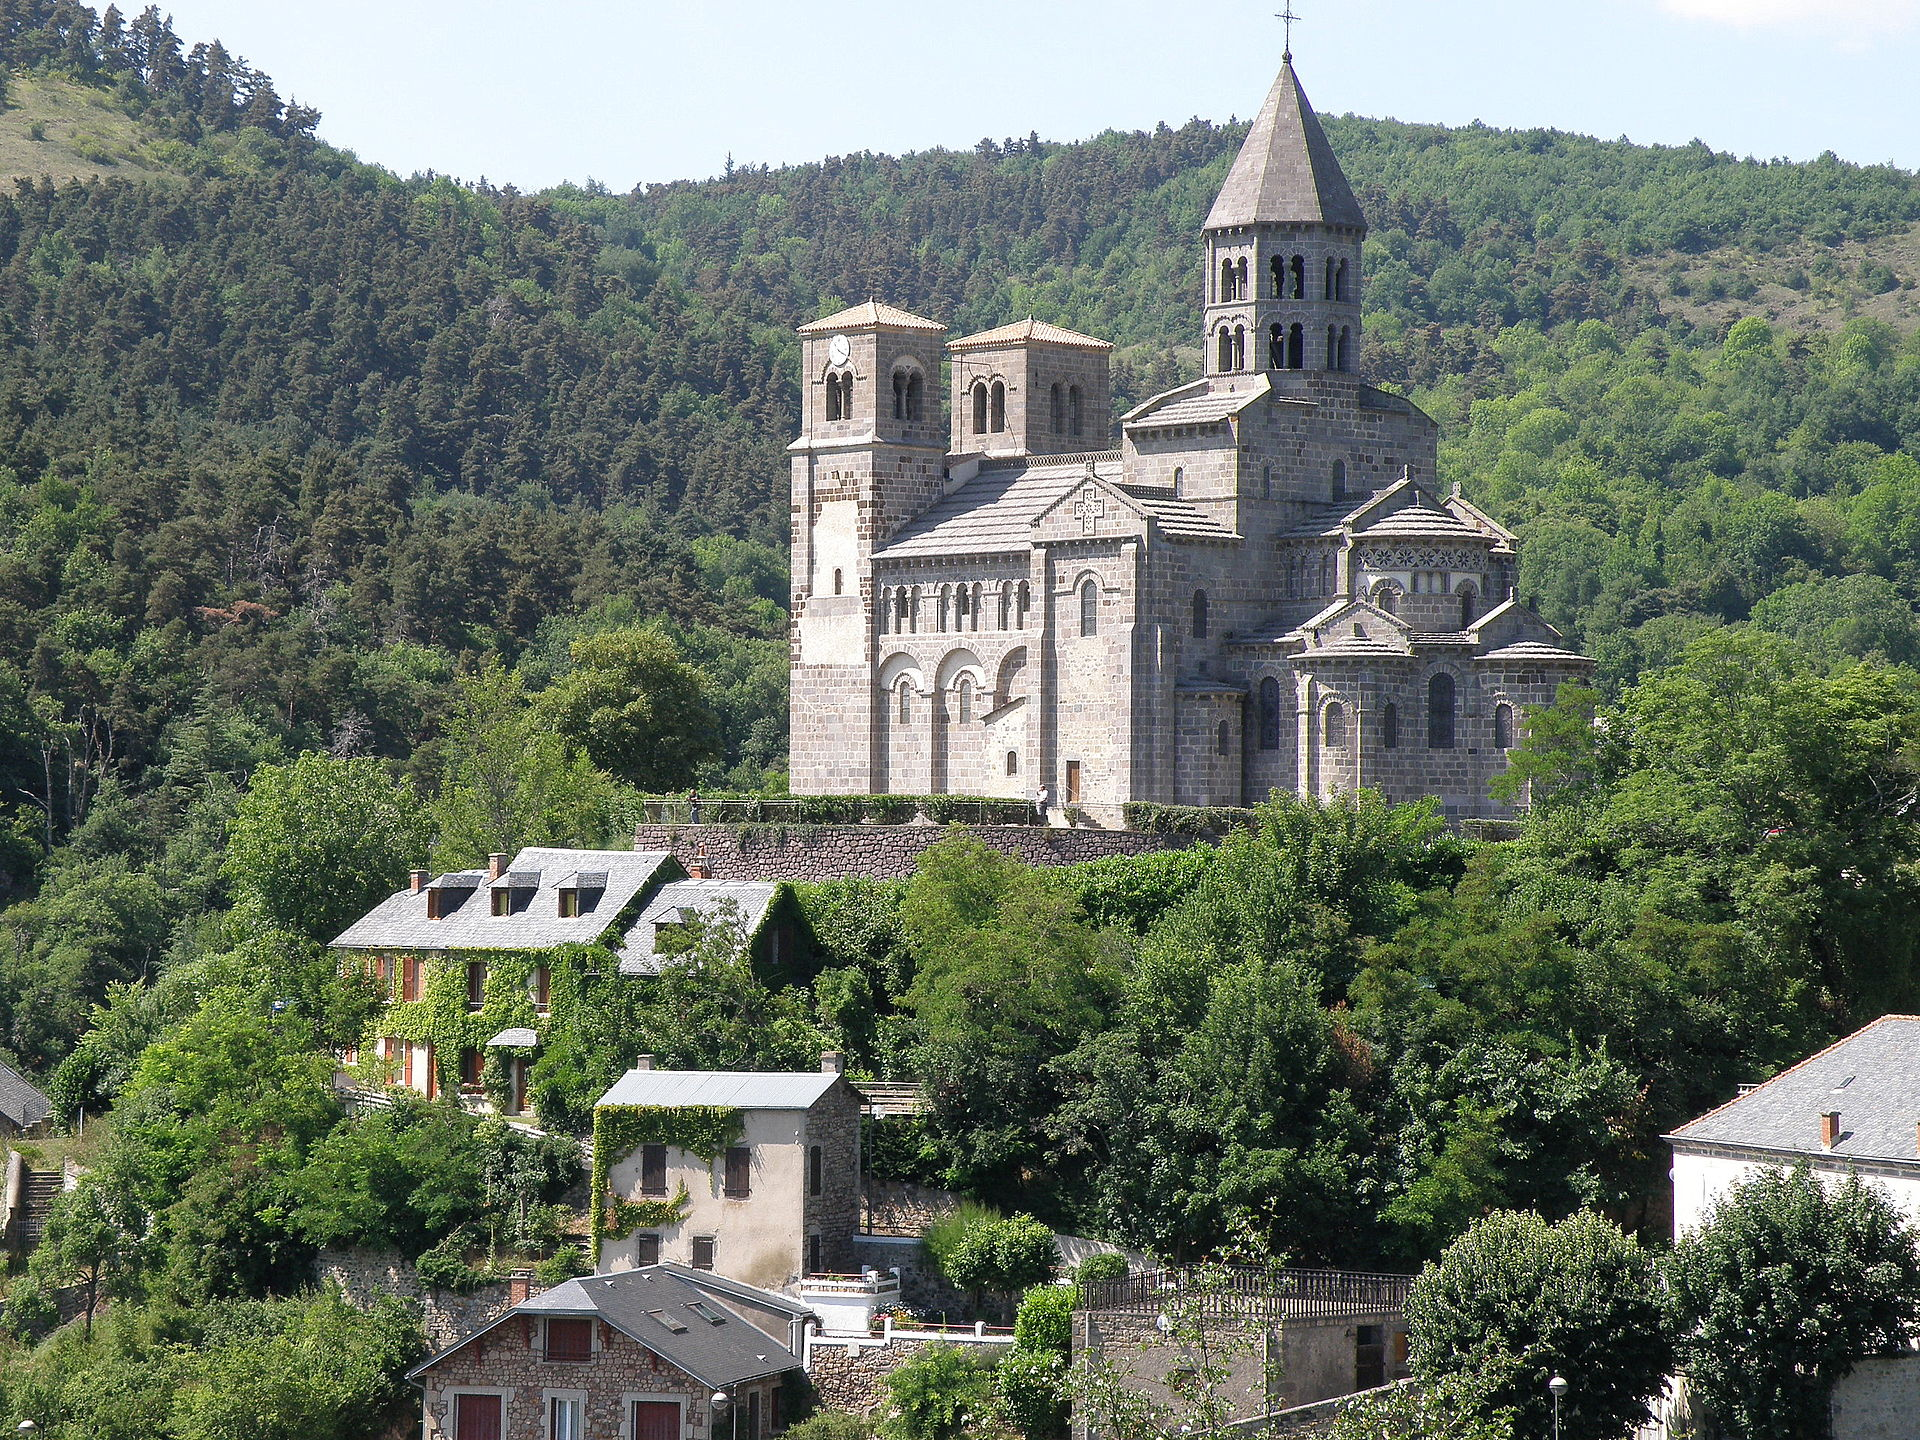 Clermont De L Oise Place De H Ef Bf Bdtel De Ville